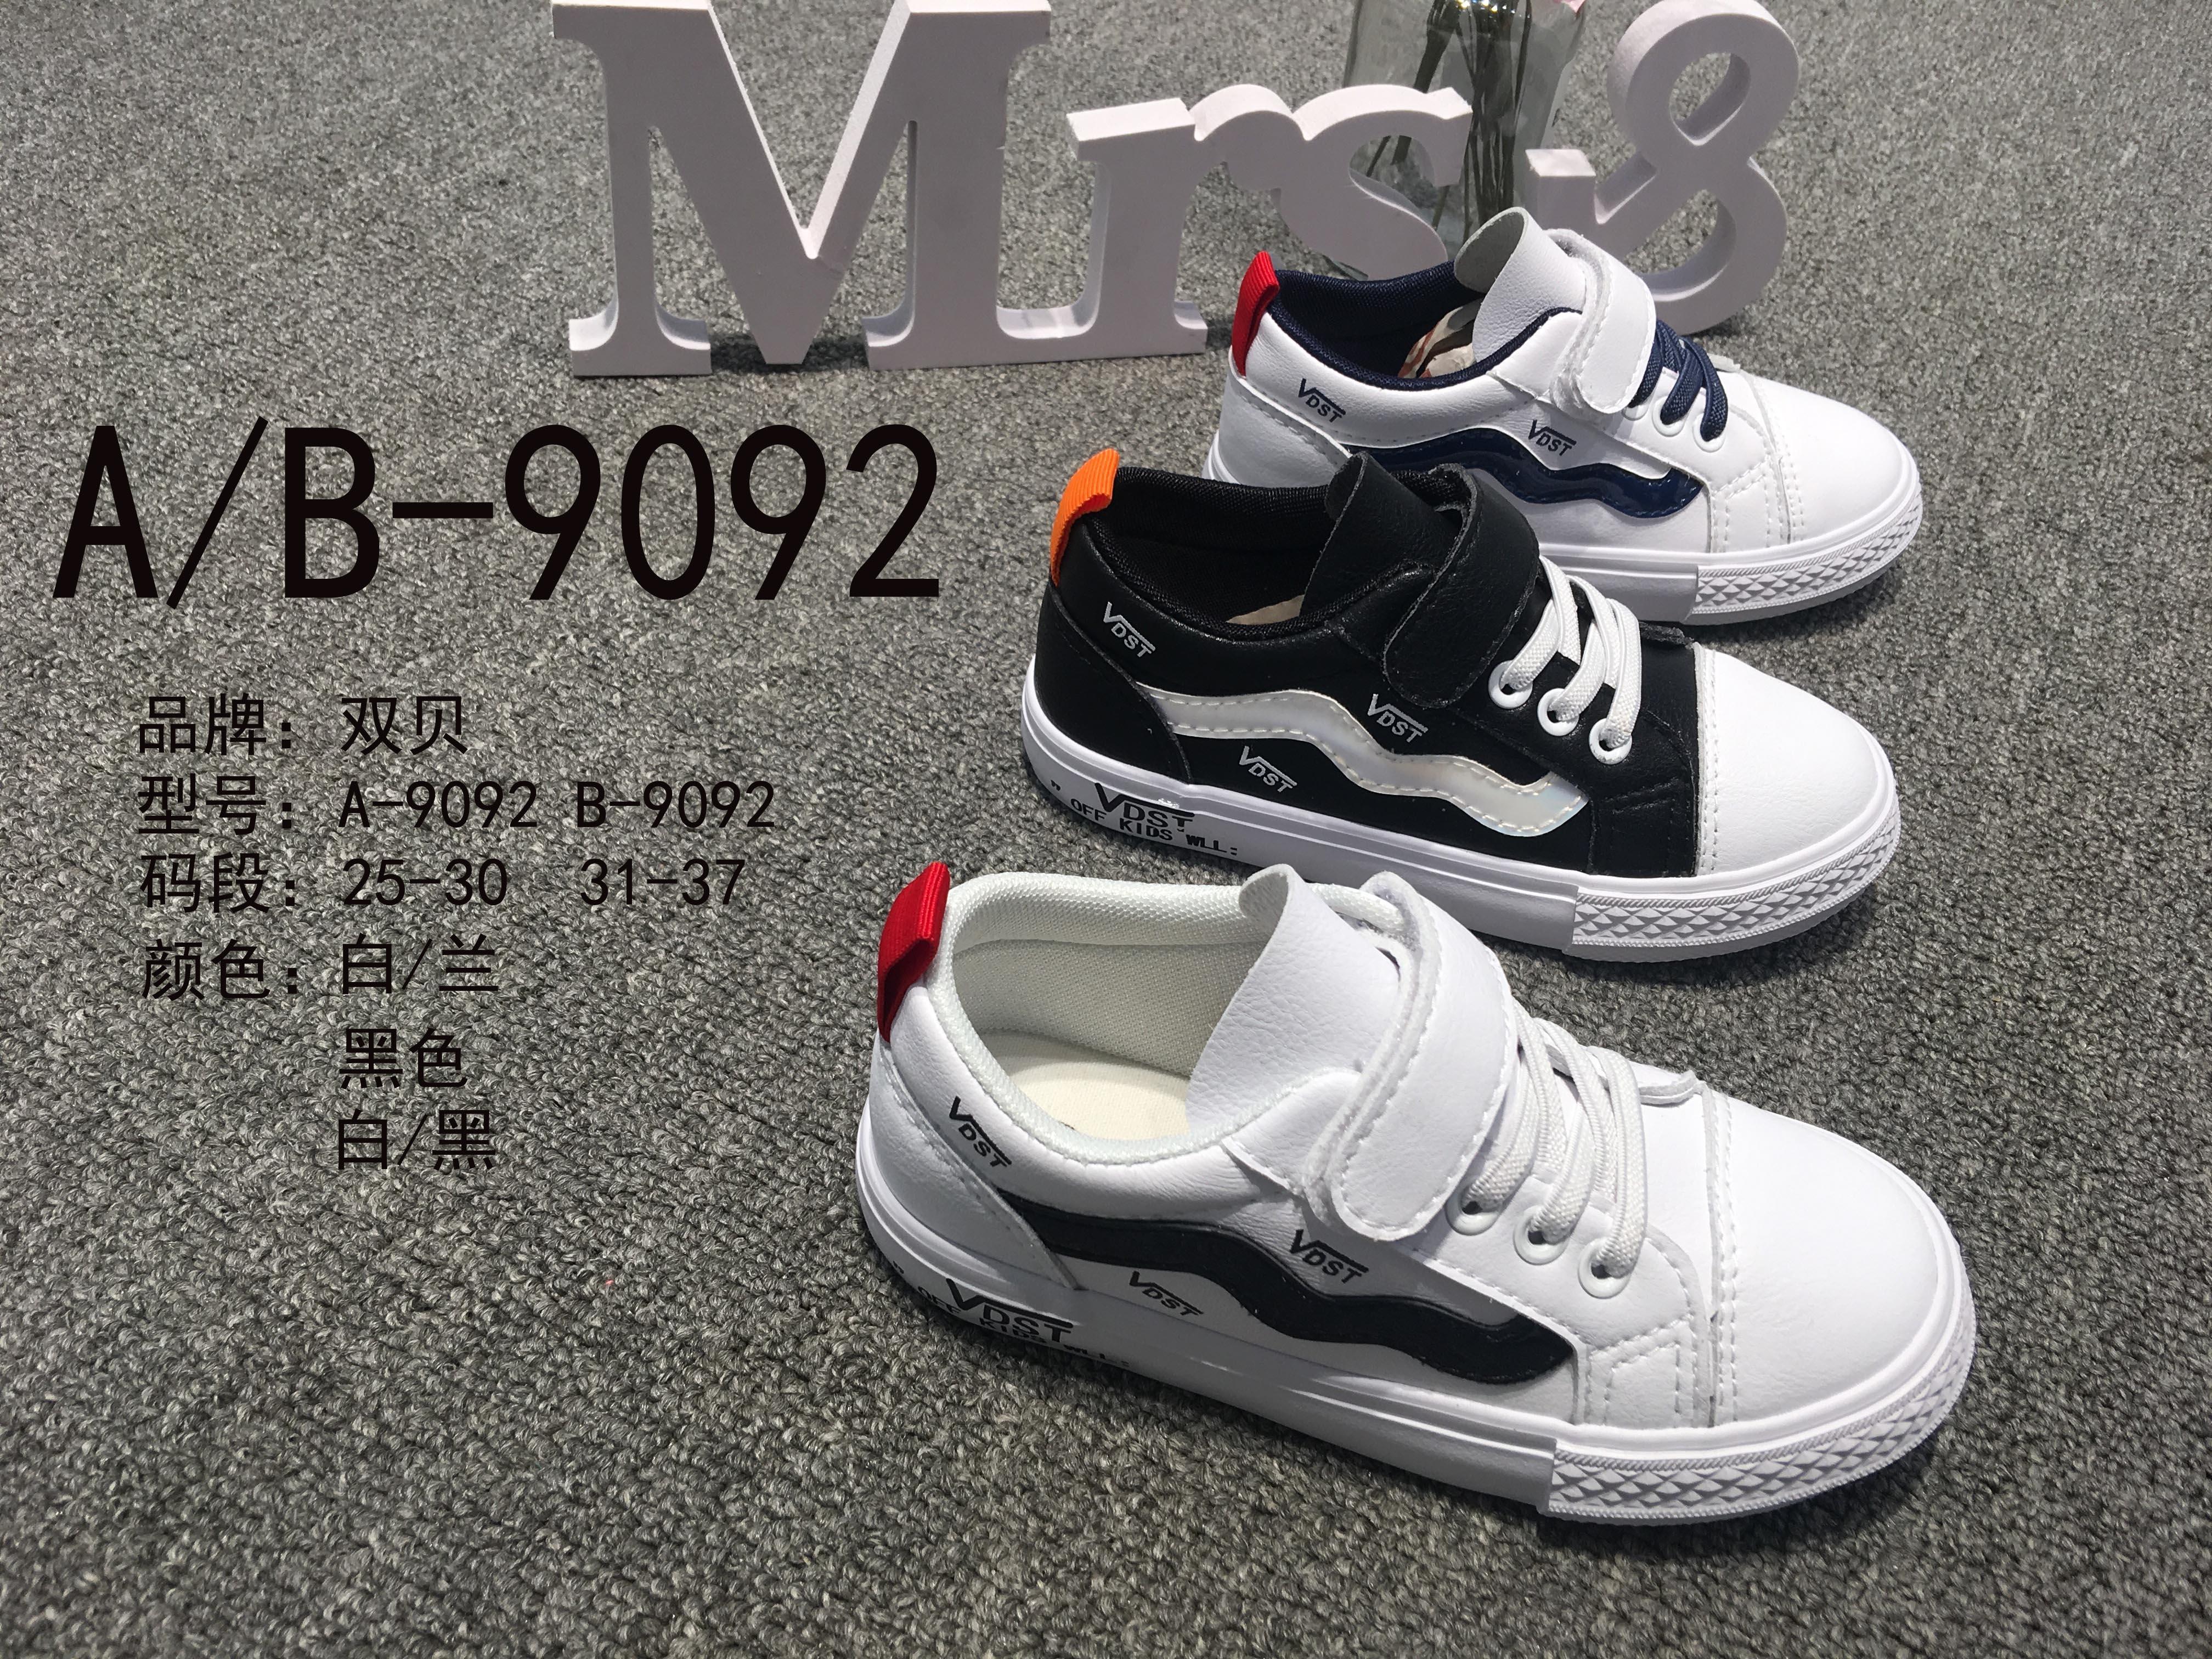 A-B-9092